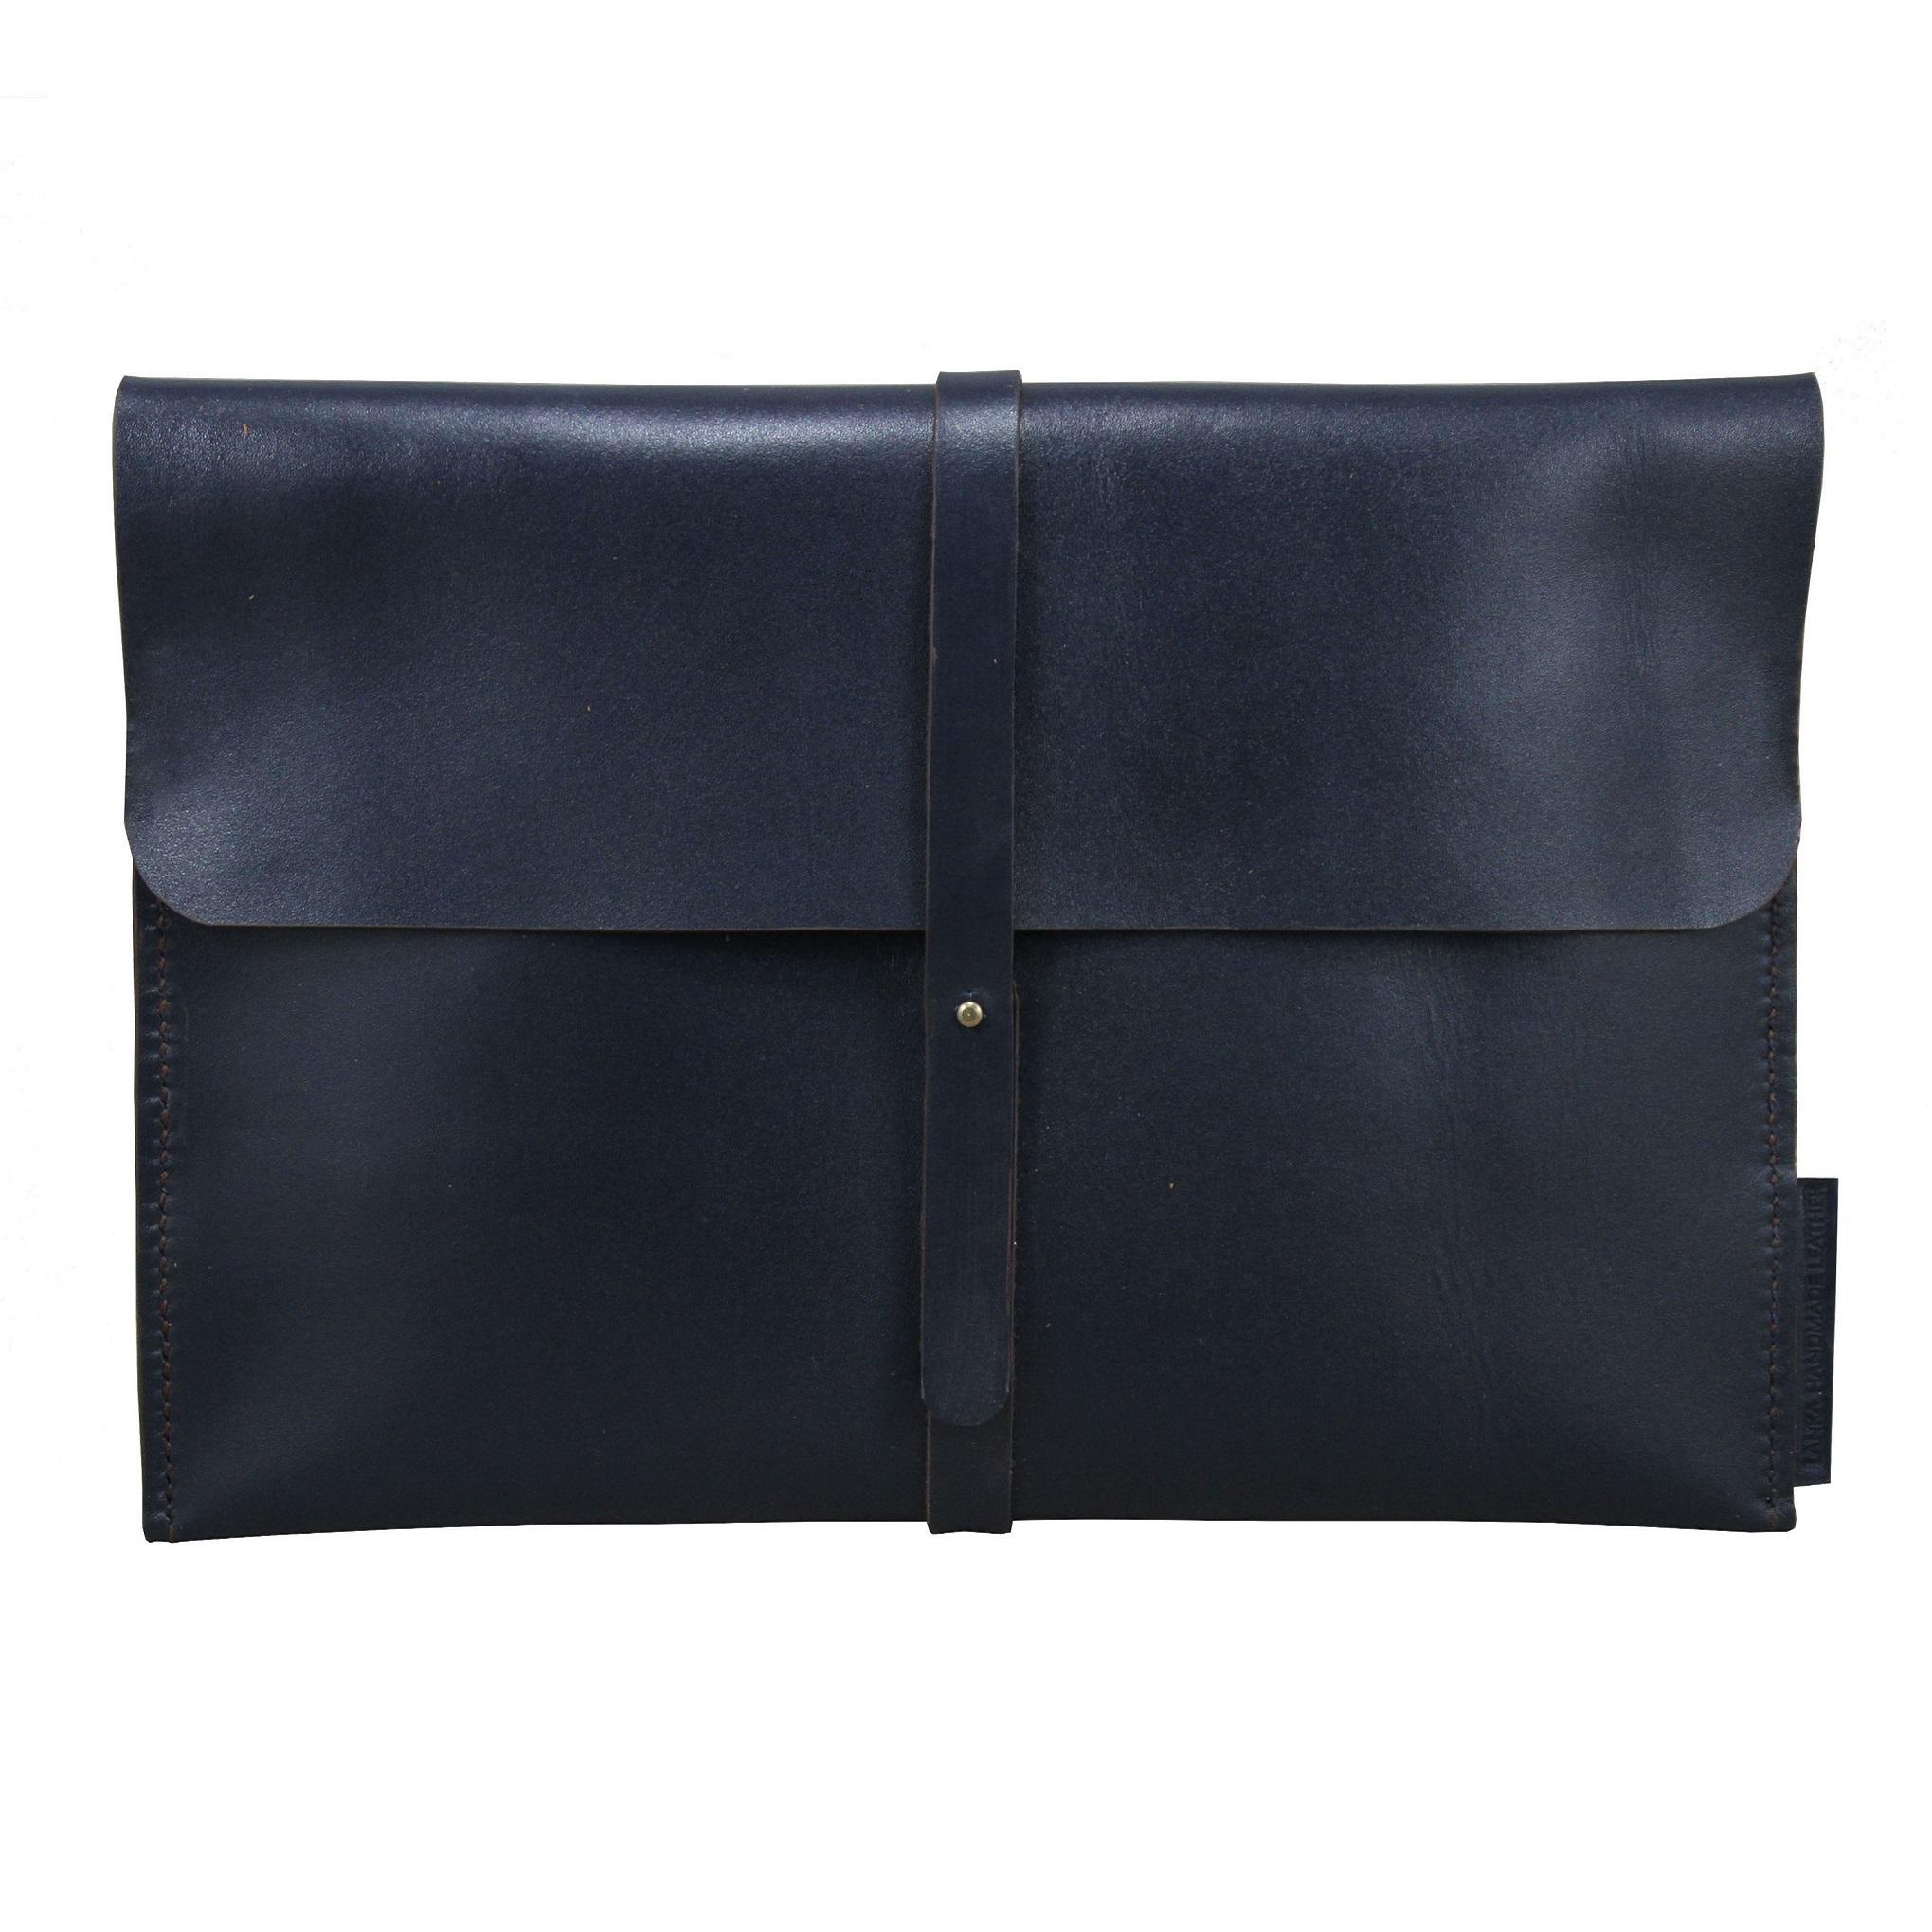 کیف دستی چرمی لانکا مدل DL-1